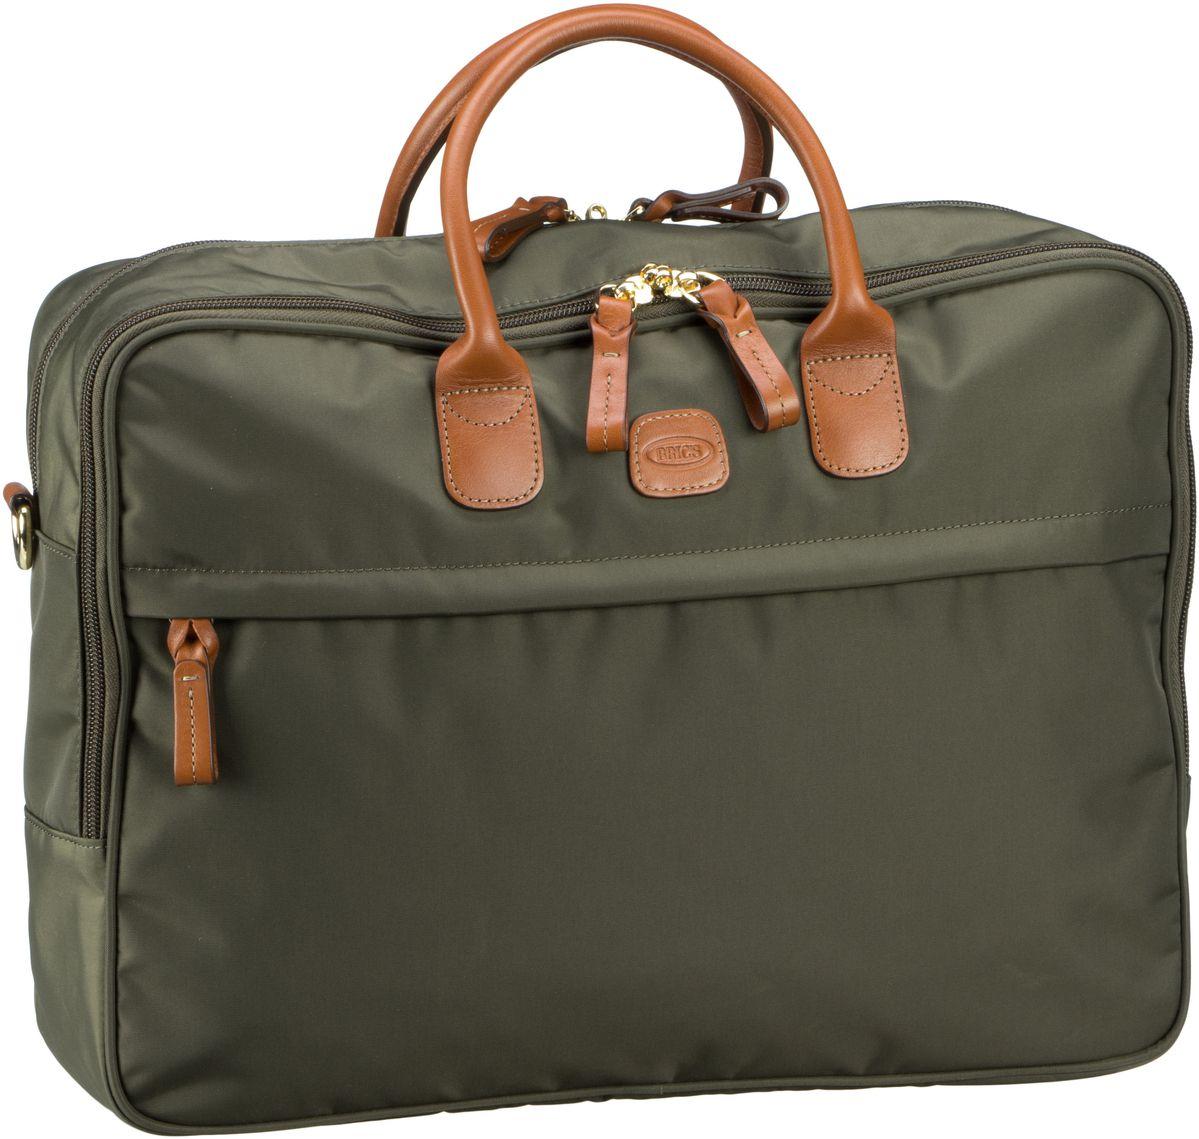 Businesstaschen für Frauen - Bric's Aktentasche X Travel Aktenmappe 45125 Oliva  - Onlineshop Taschenkaufhaus